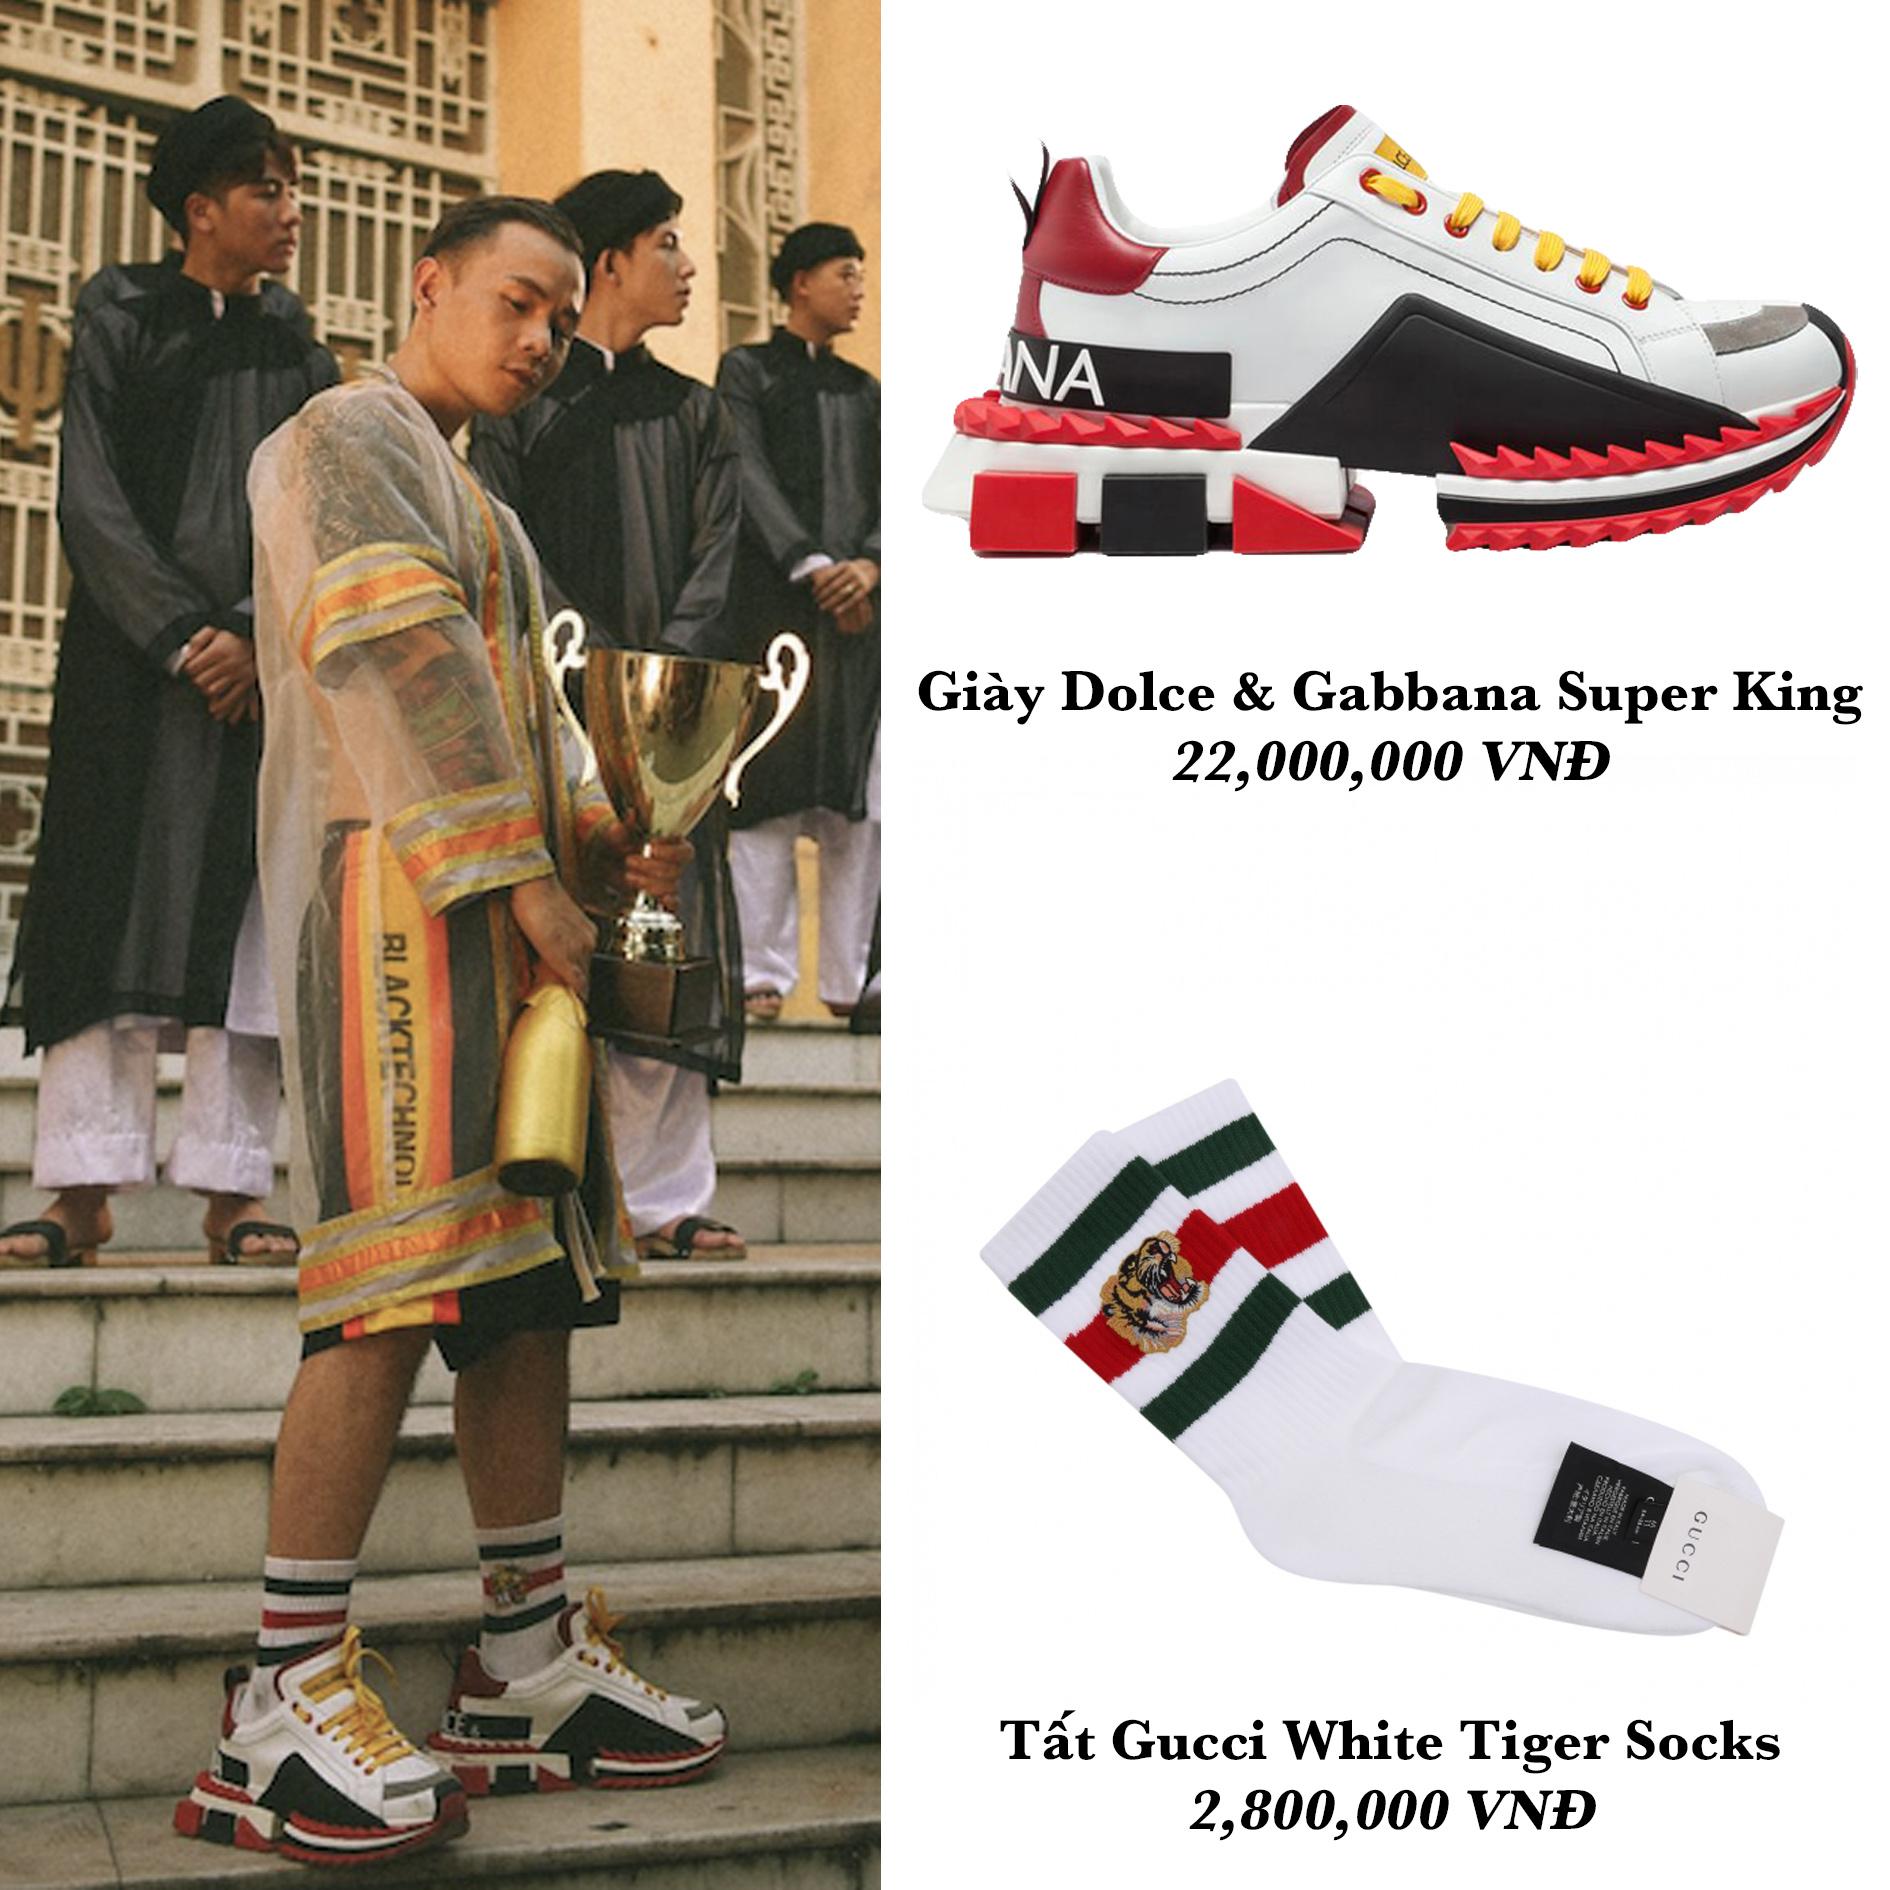 binz đi giày D&G đeo tất Gucci trong mv gene